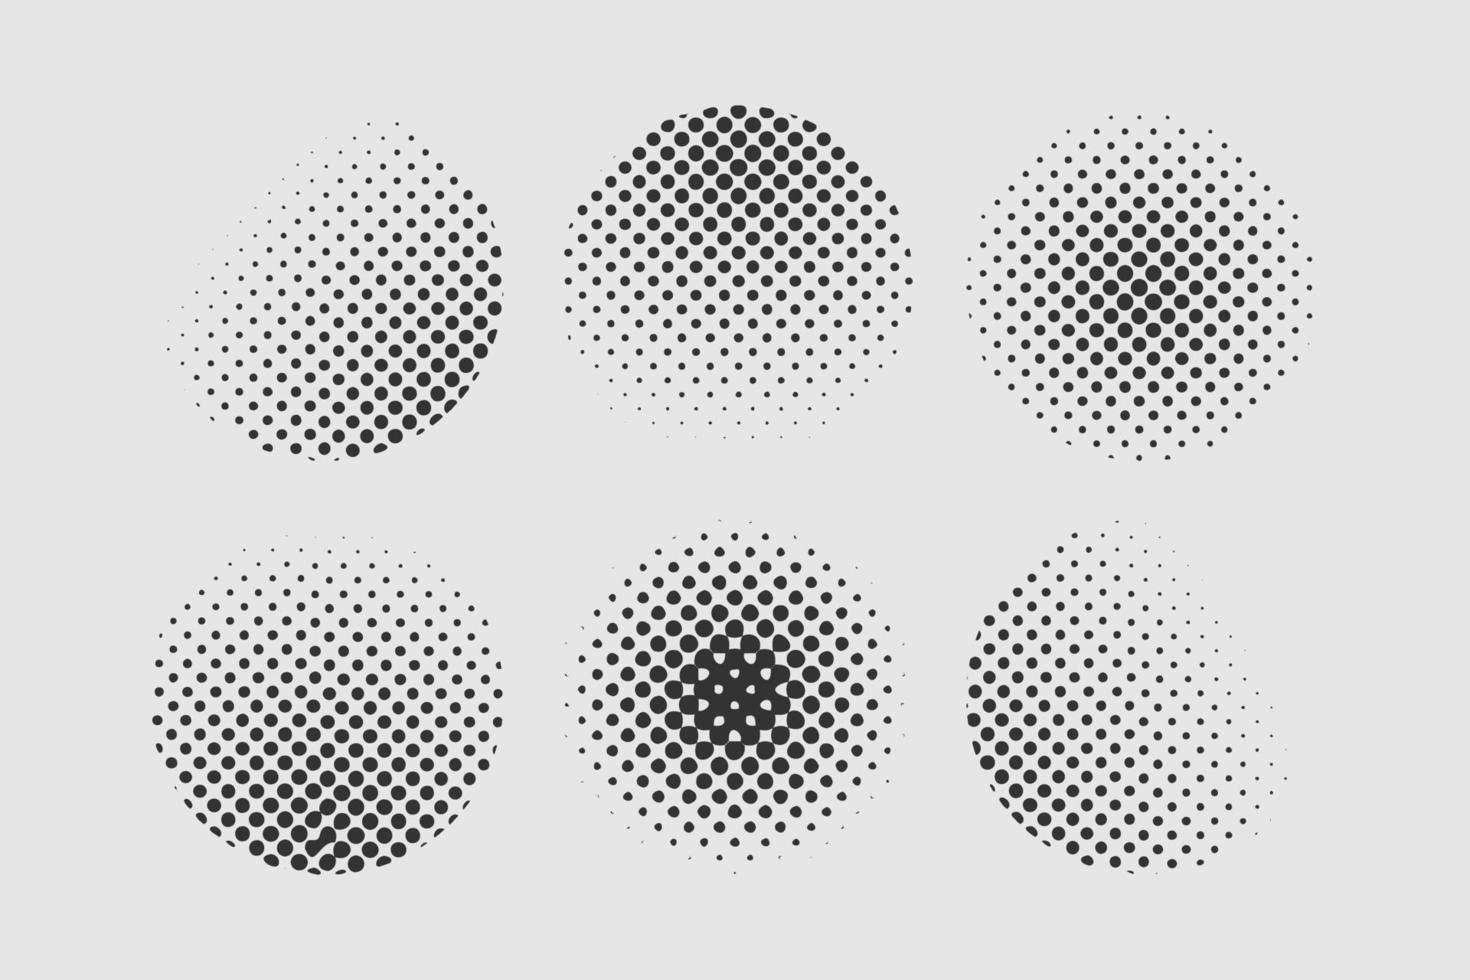 Satz von Halbtonpunkten Vintage-Design-Element in Kreisform vektor